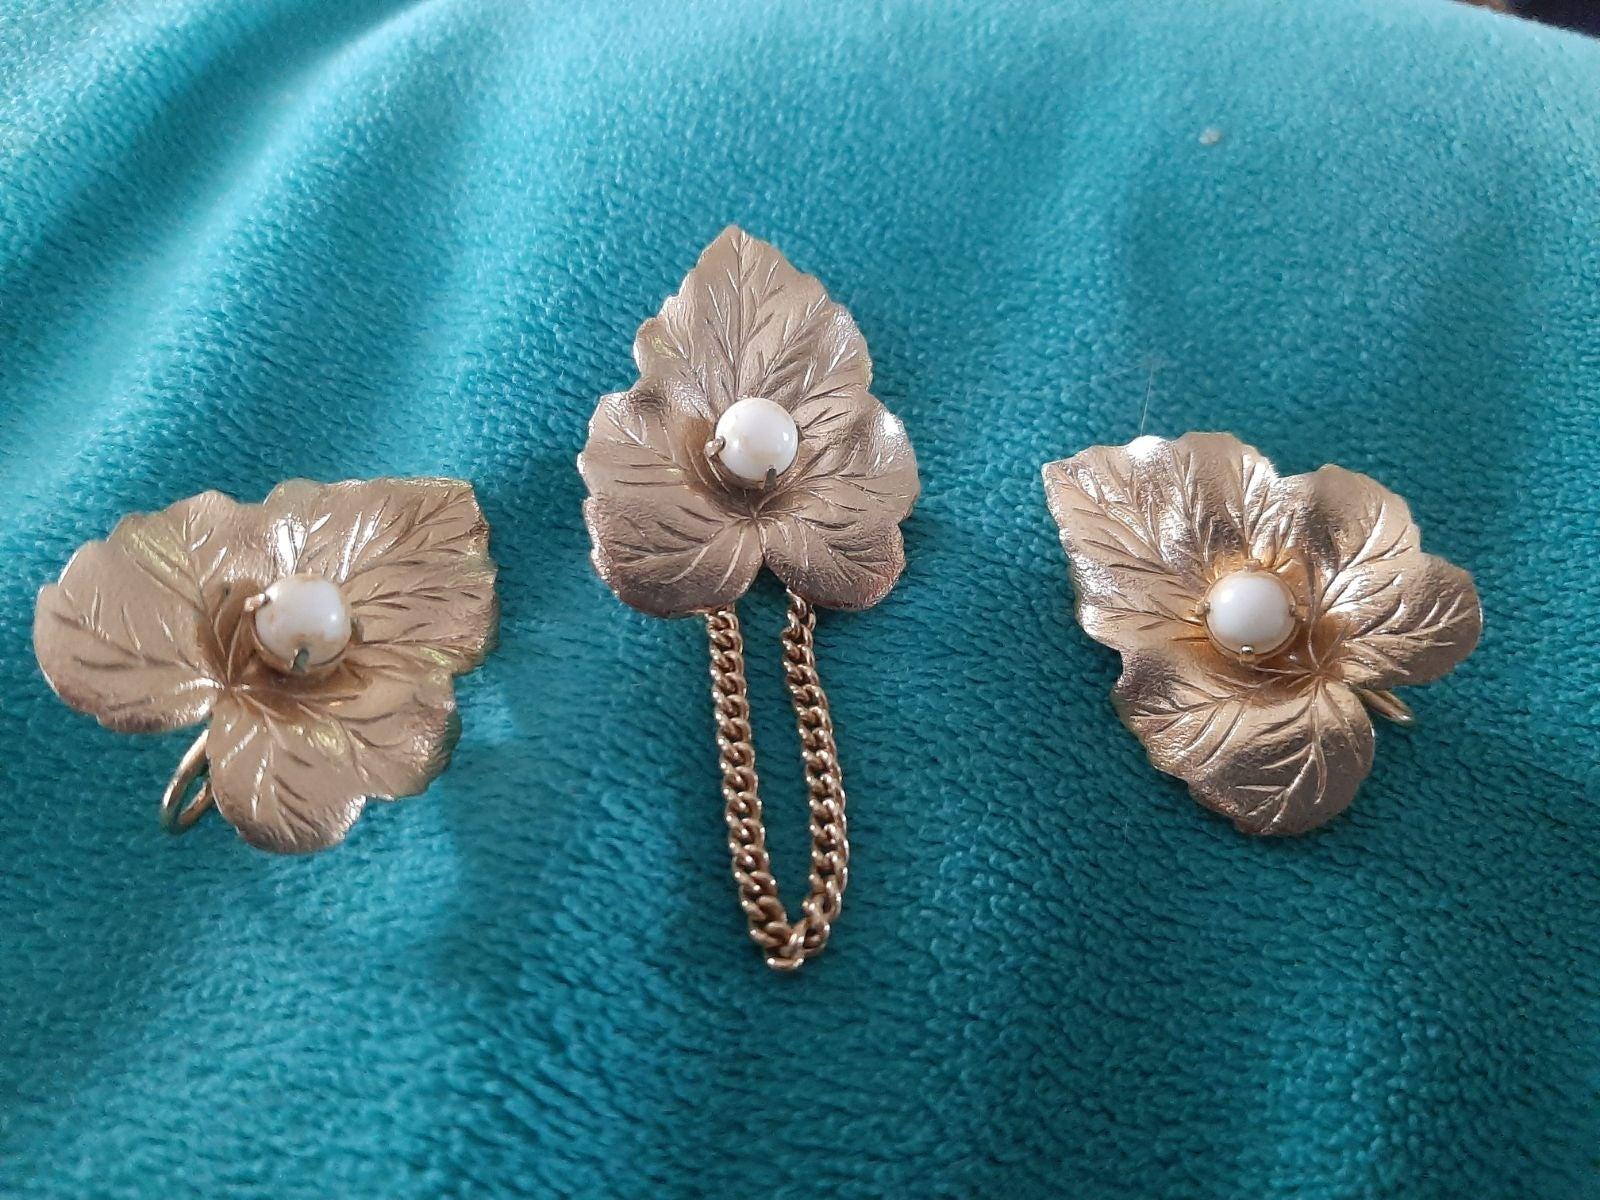 Vintage Earrings and brooch